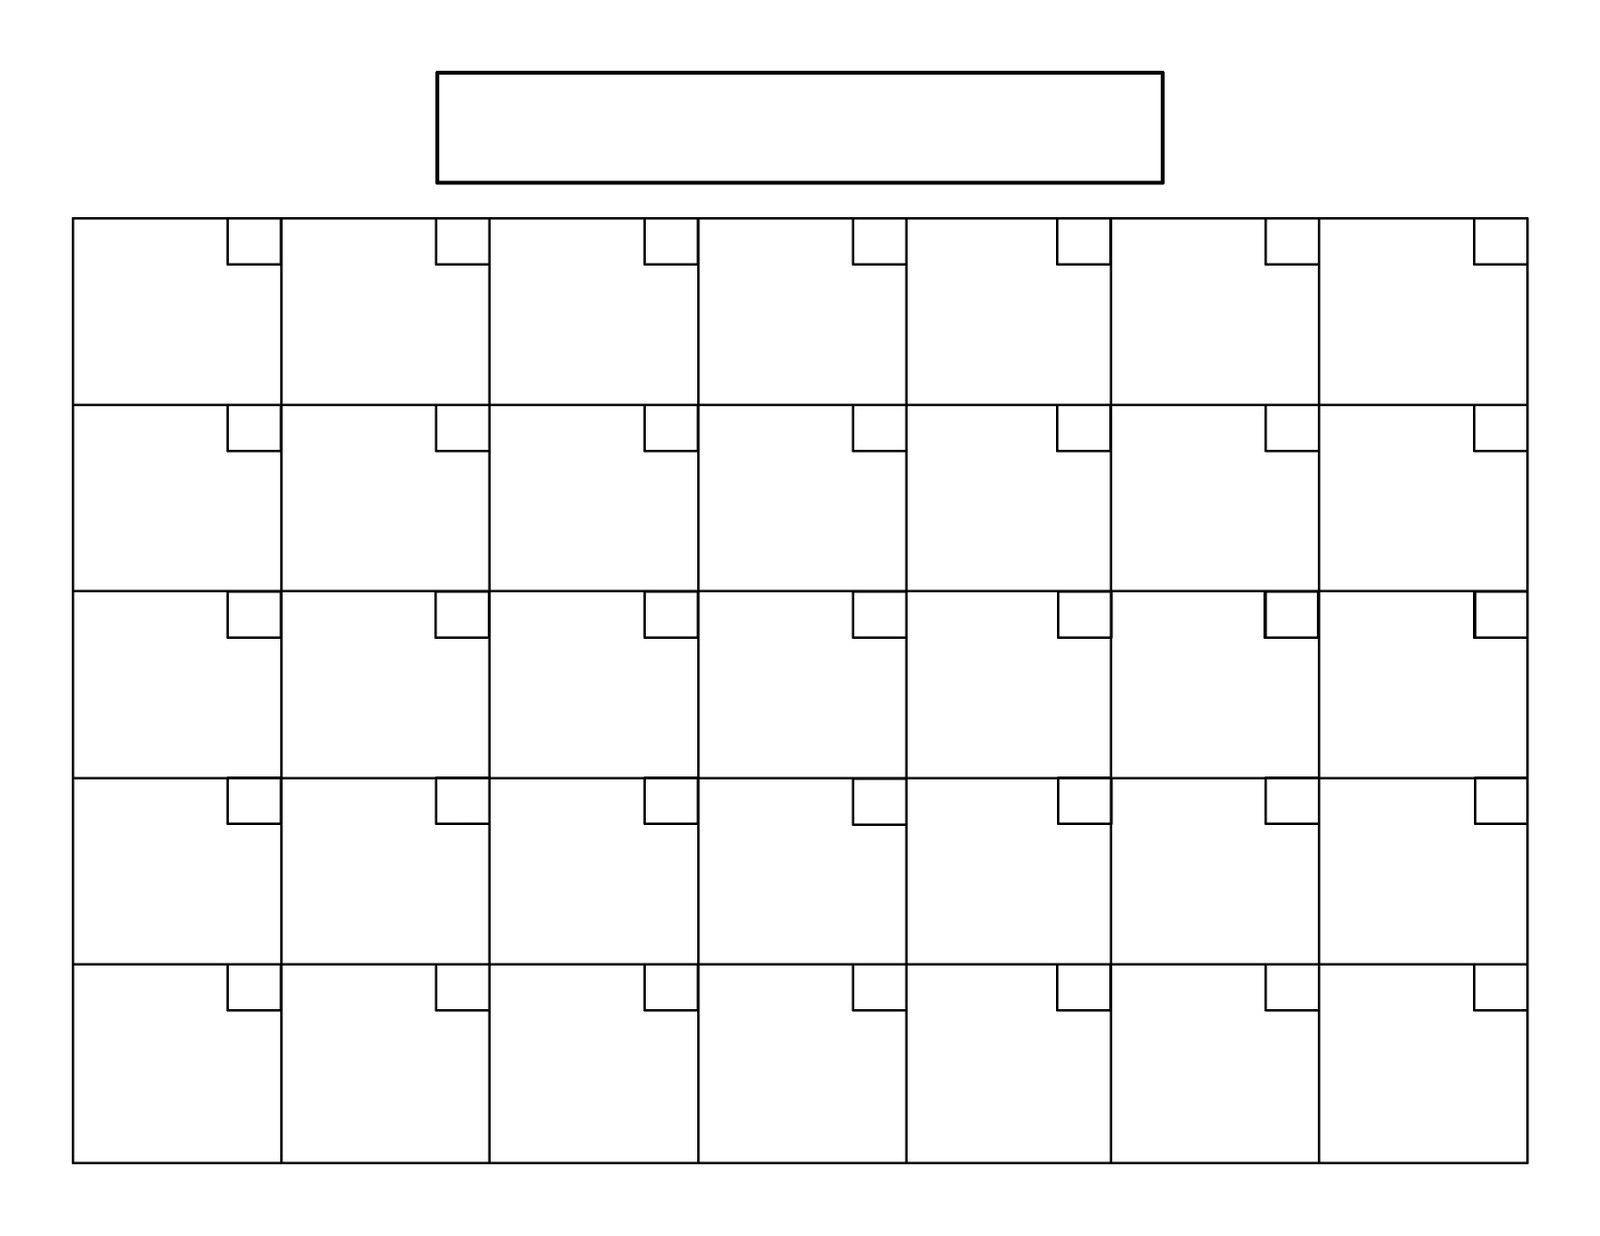 Free Printable 5 Day Calendar | Example Calendar Printable for Free Printable 5 Day Calendar